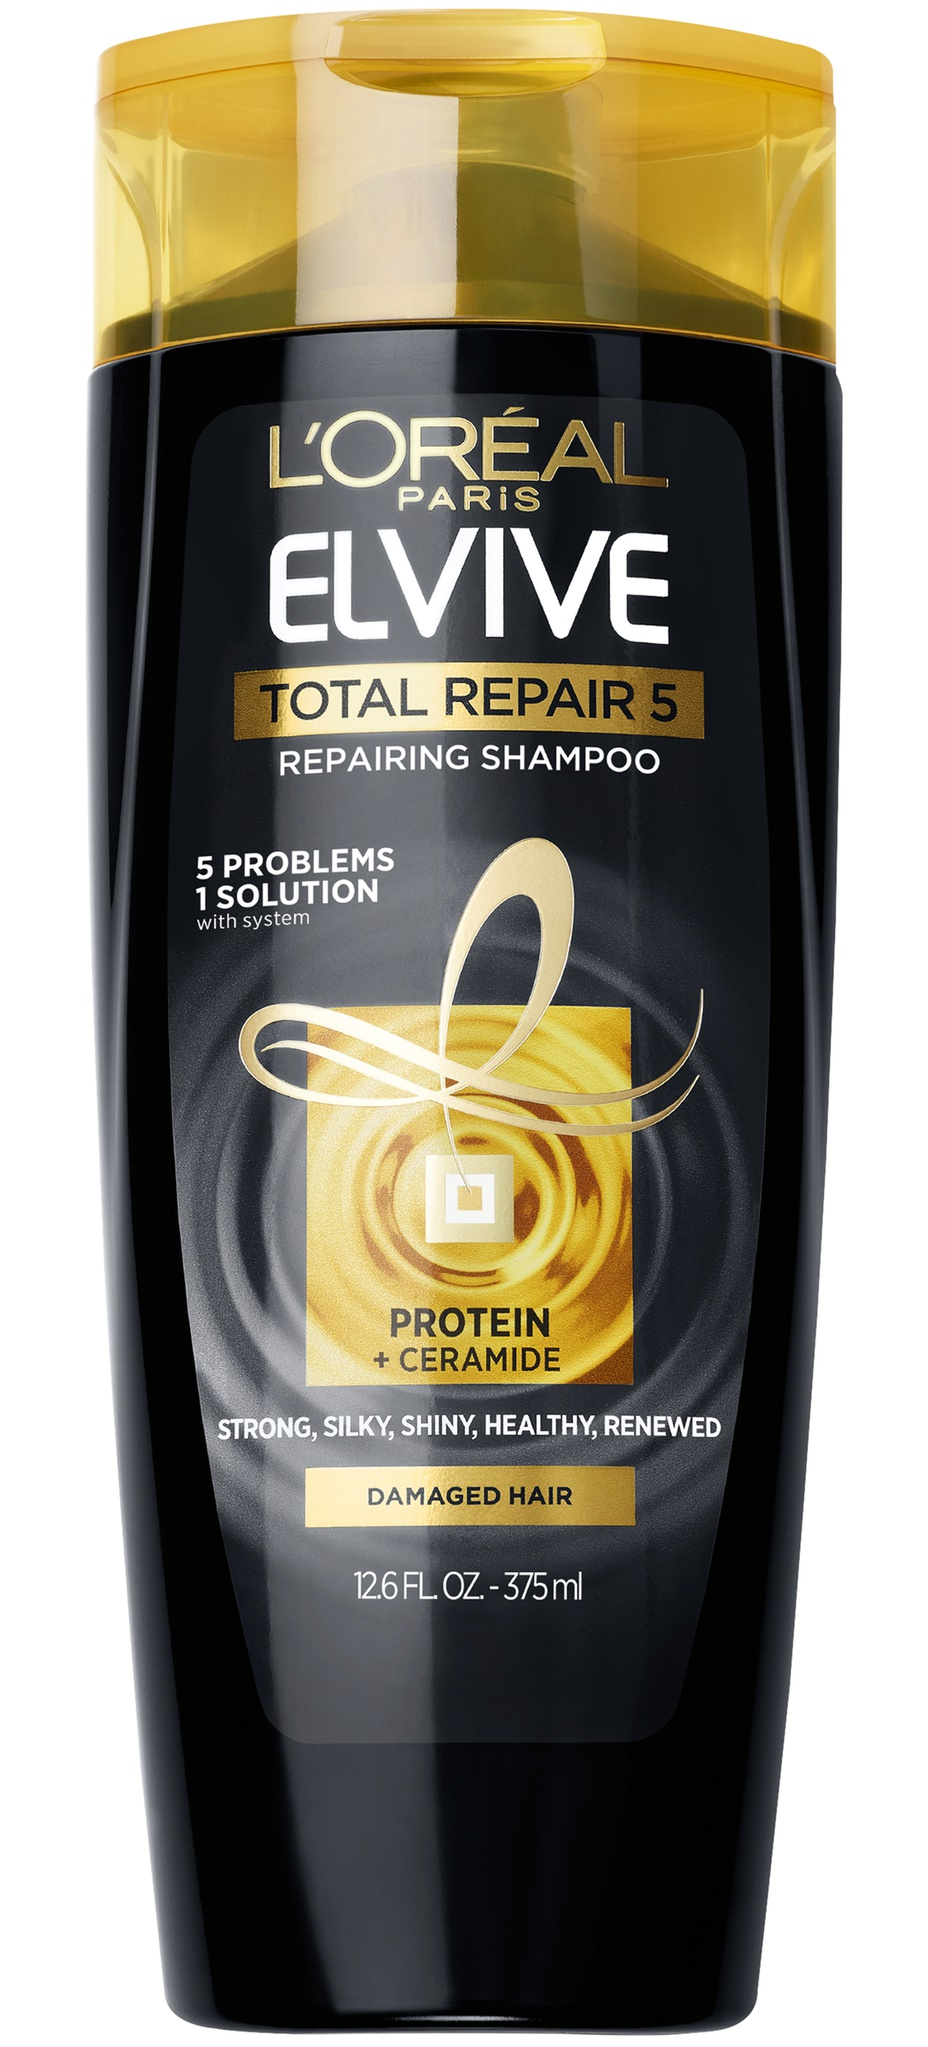 L'Oreal Elvive Total Repair 5 Repairing Shampoo